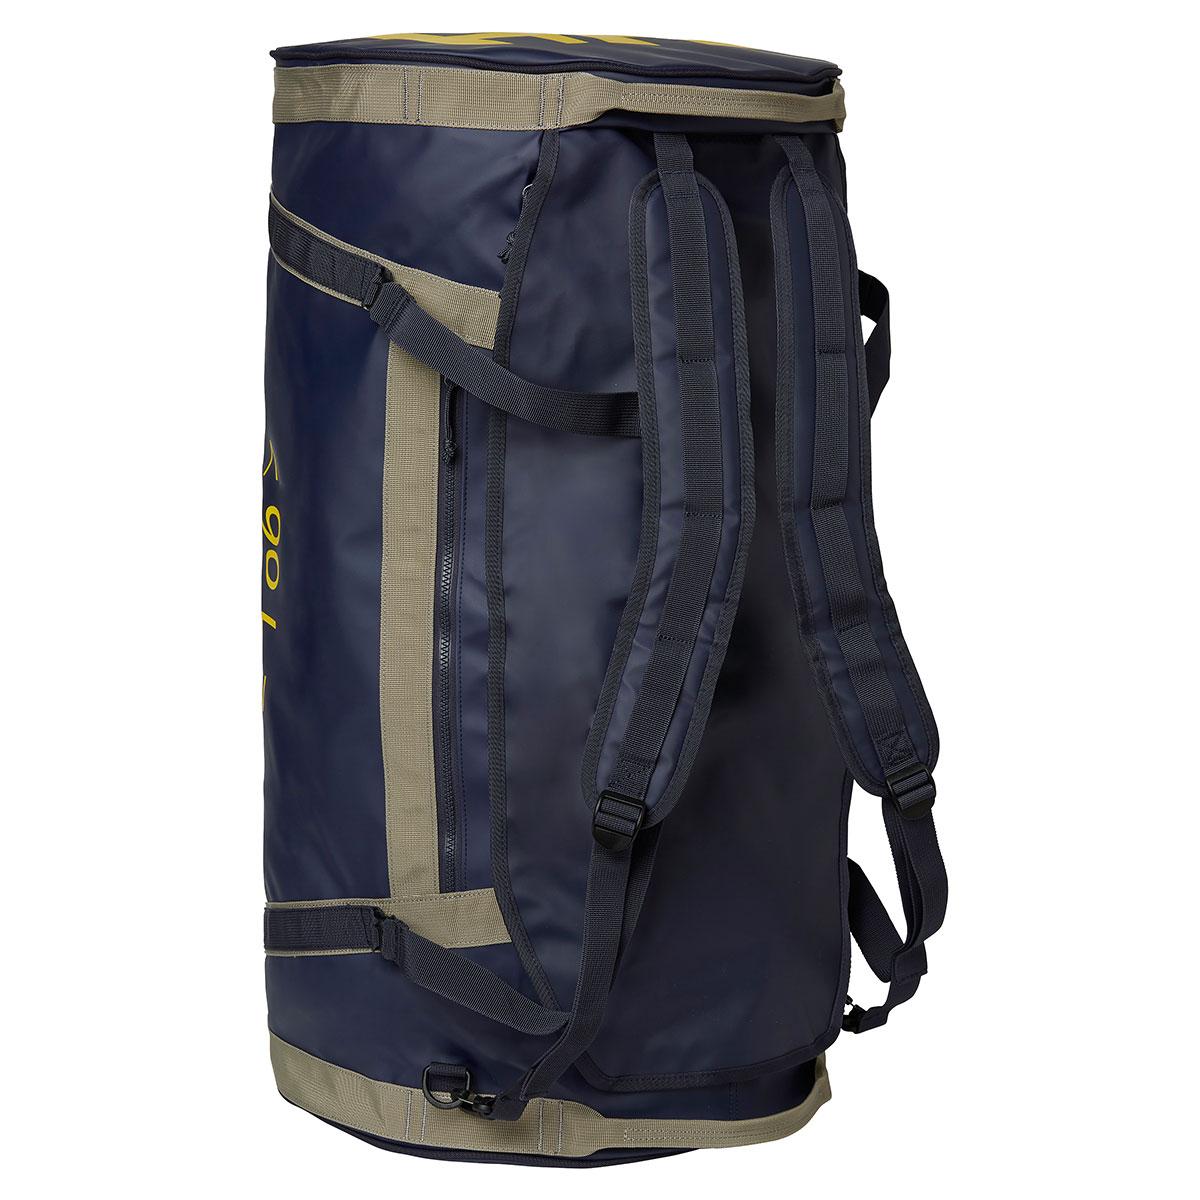 Helly Hansen Hh Duffel Bag 2 90 L polyvalent résistant à l/'eau 28/% off RRP